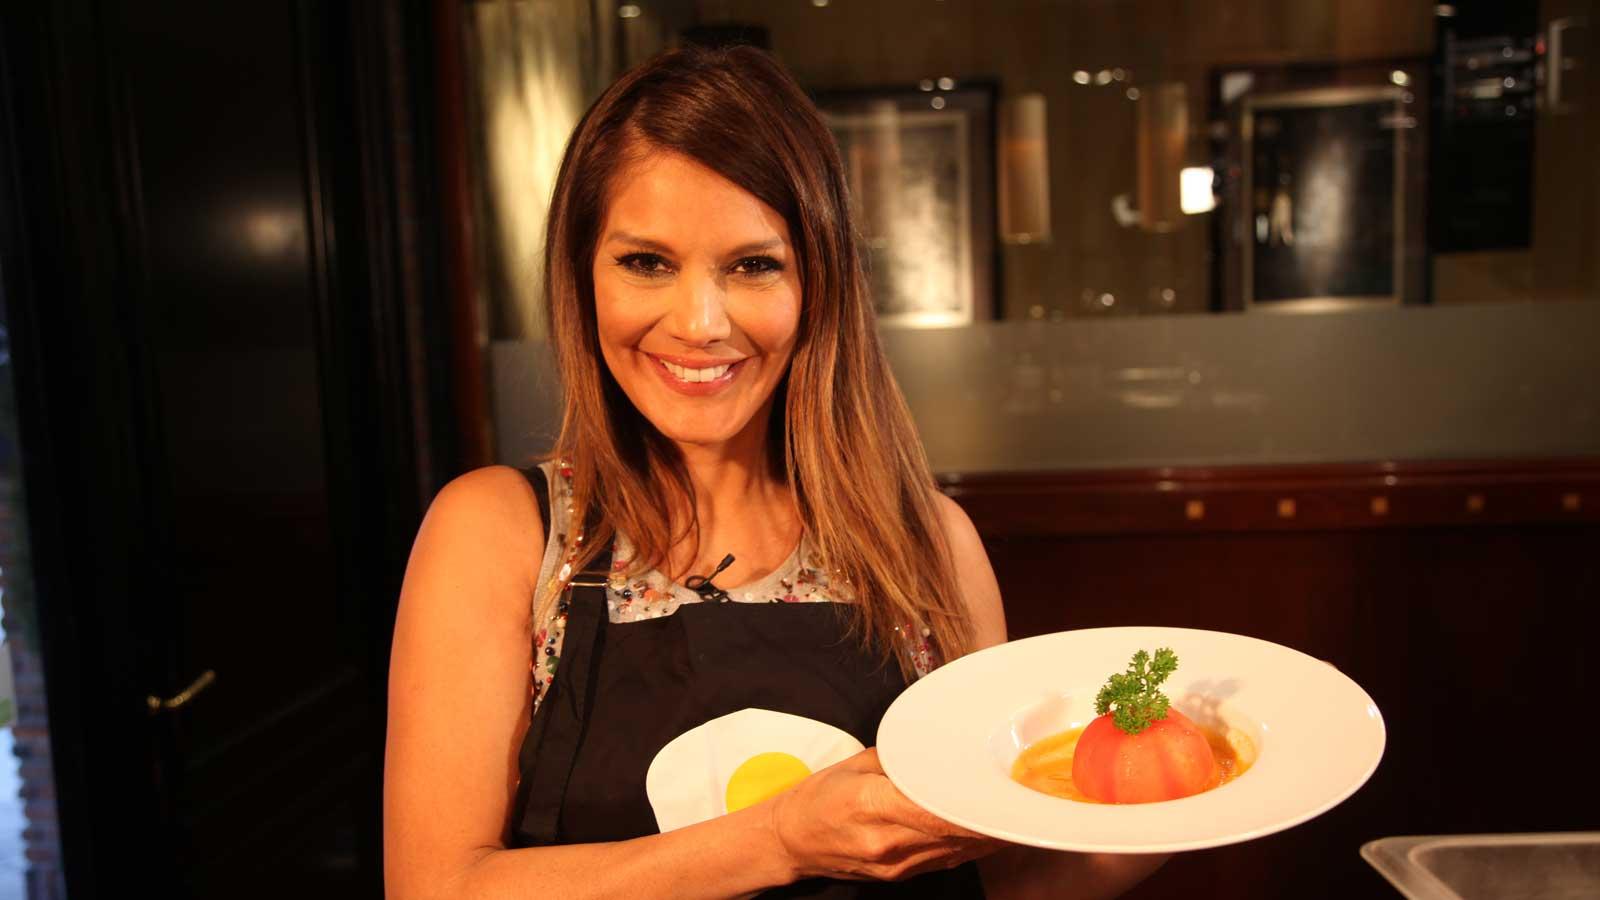 Ivonne reyes cocineros canal cocina for Cocineros de canal cocina